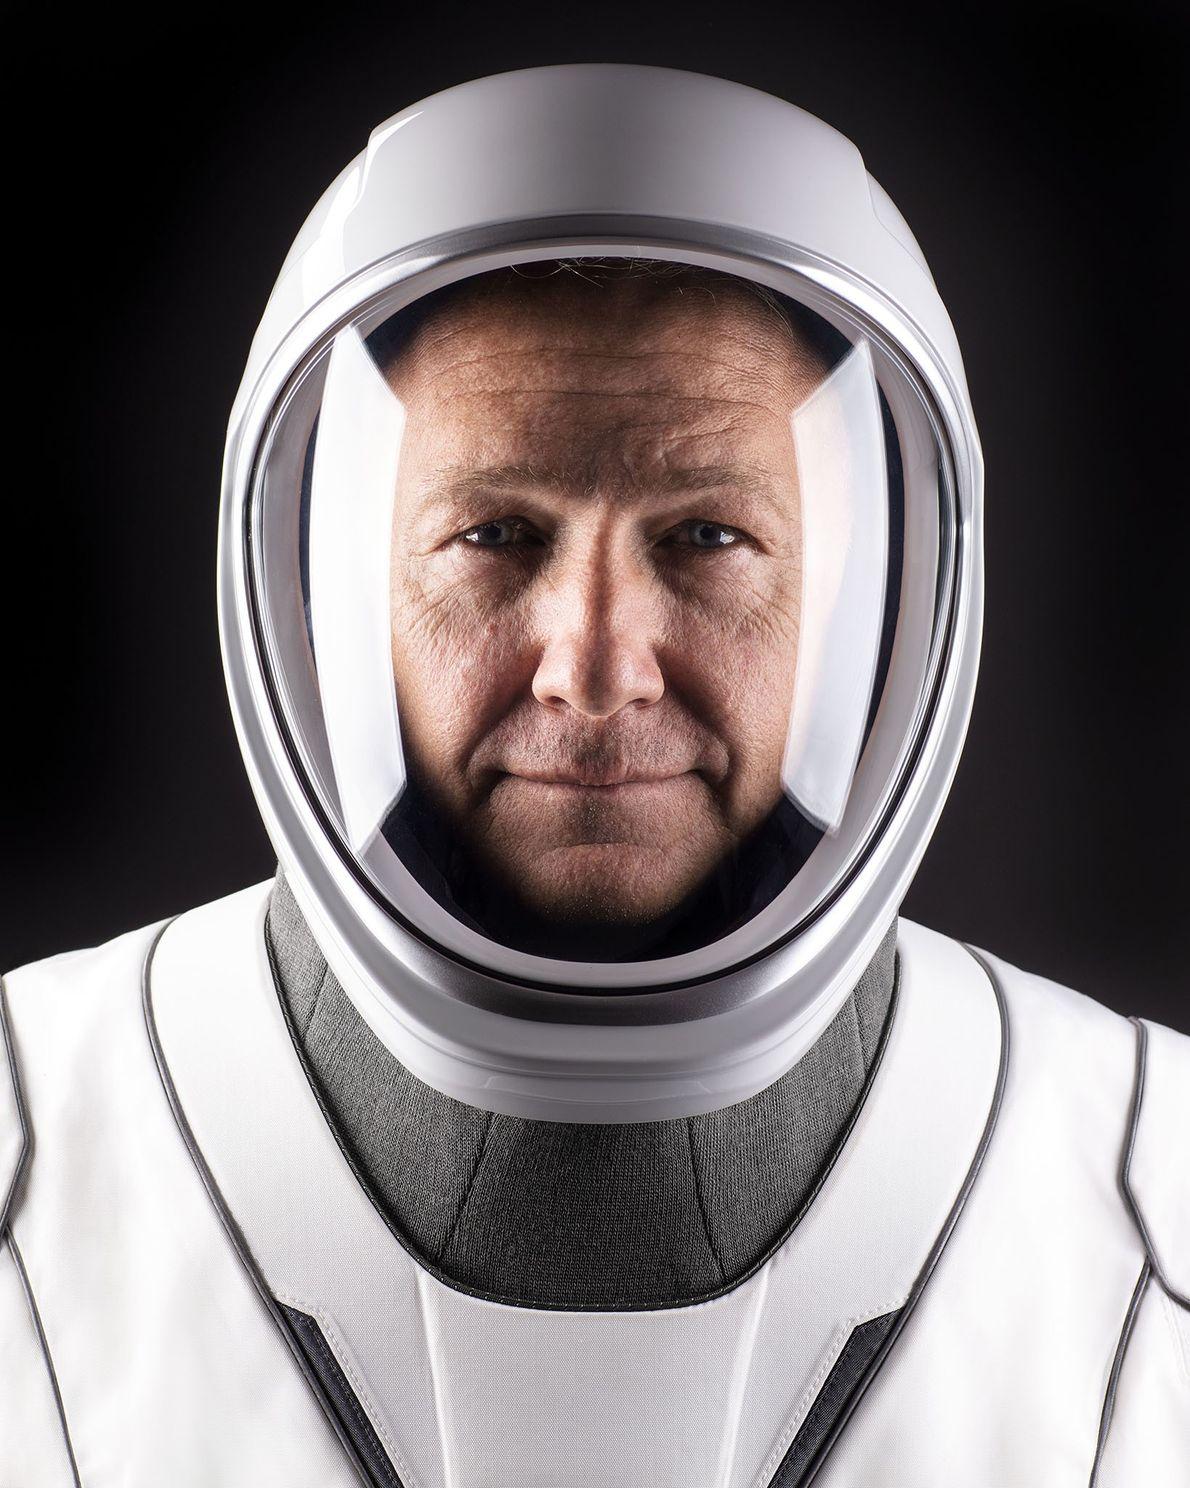 Doug Hurley, comandante de la nave espacial de la misión Demo-2 a la Estación Espacial Internacional.